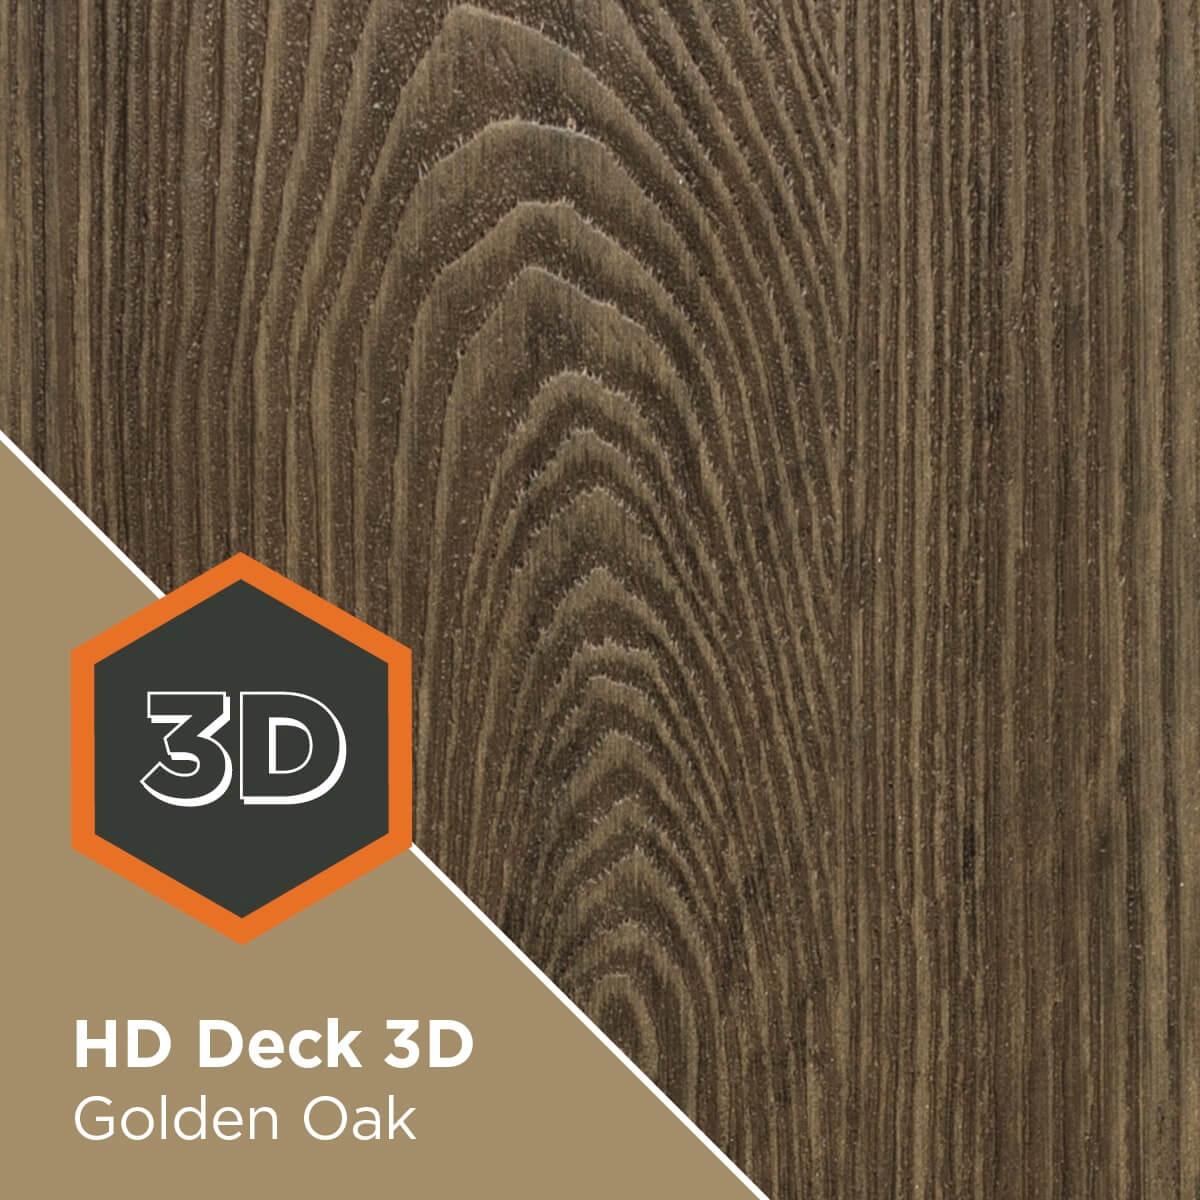 HD Deck 3D Golden Oak